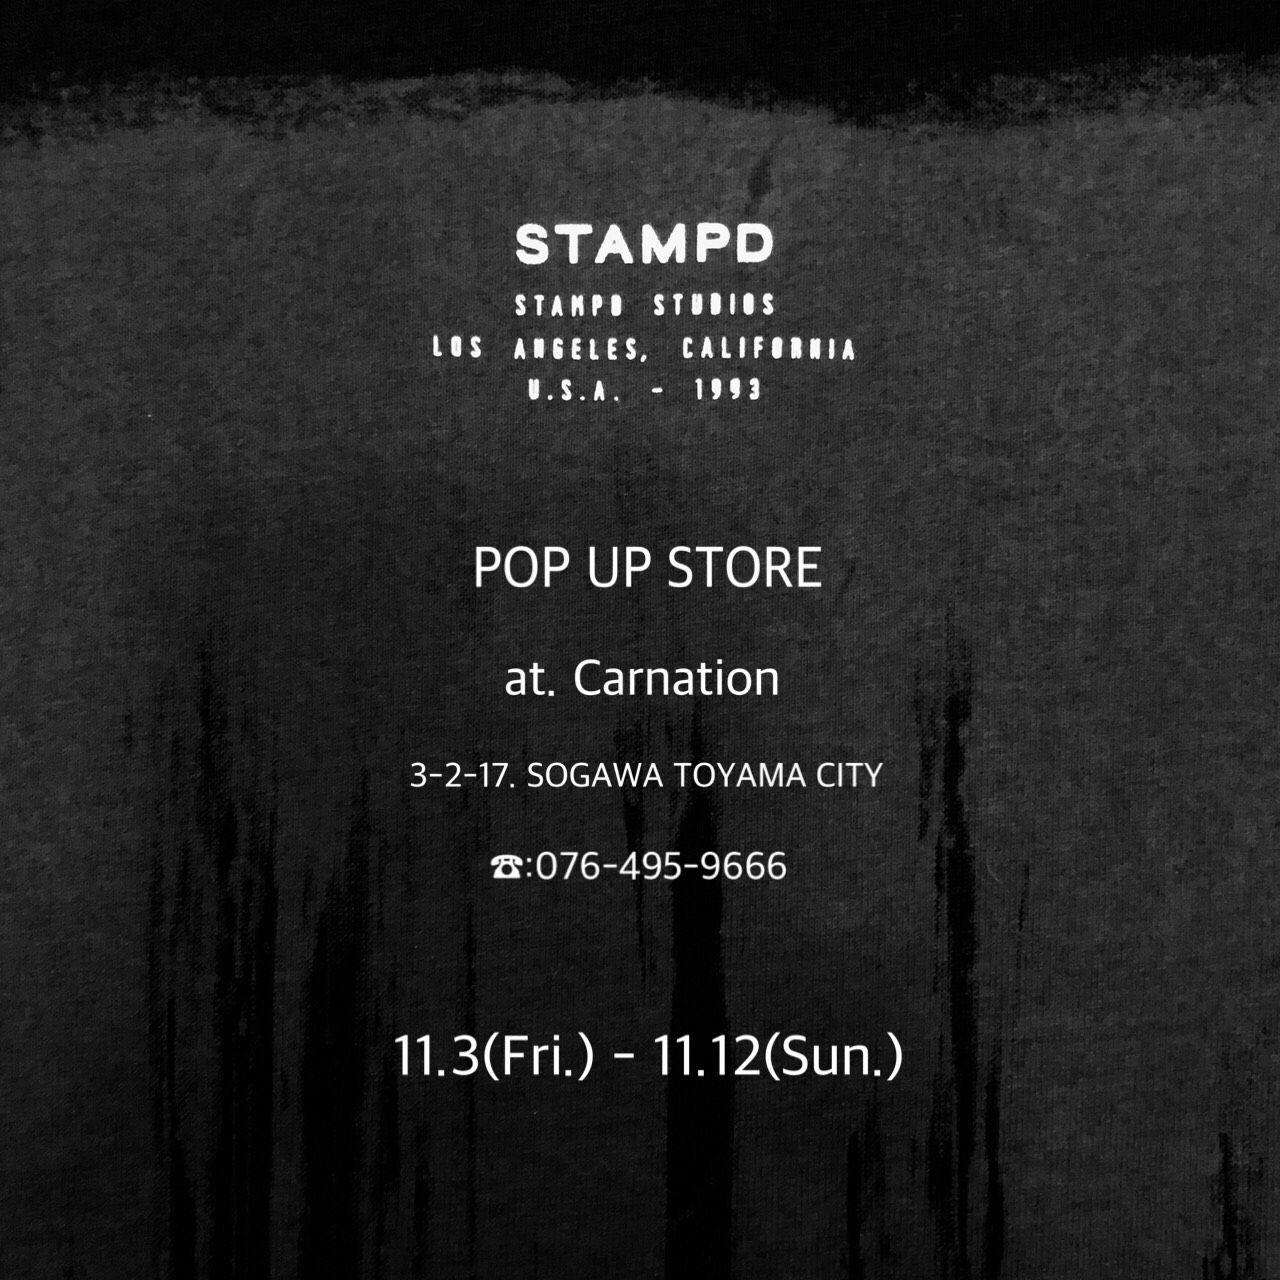 STAMPD POP UP STOREの写真